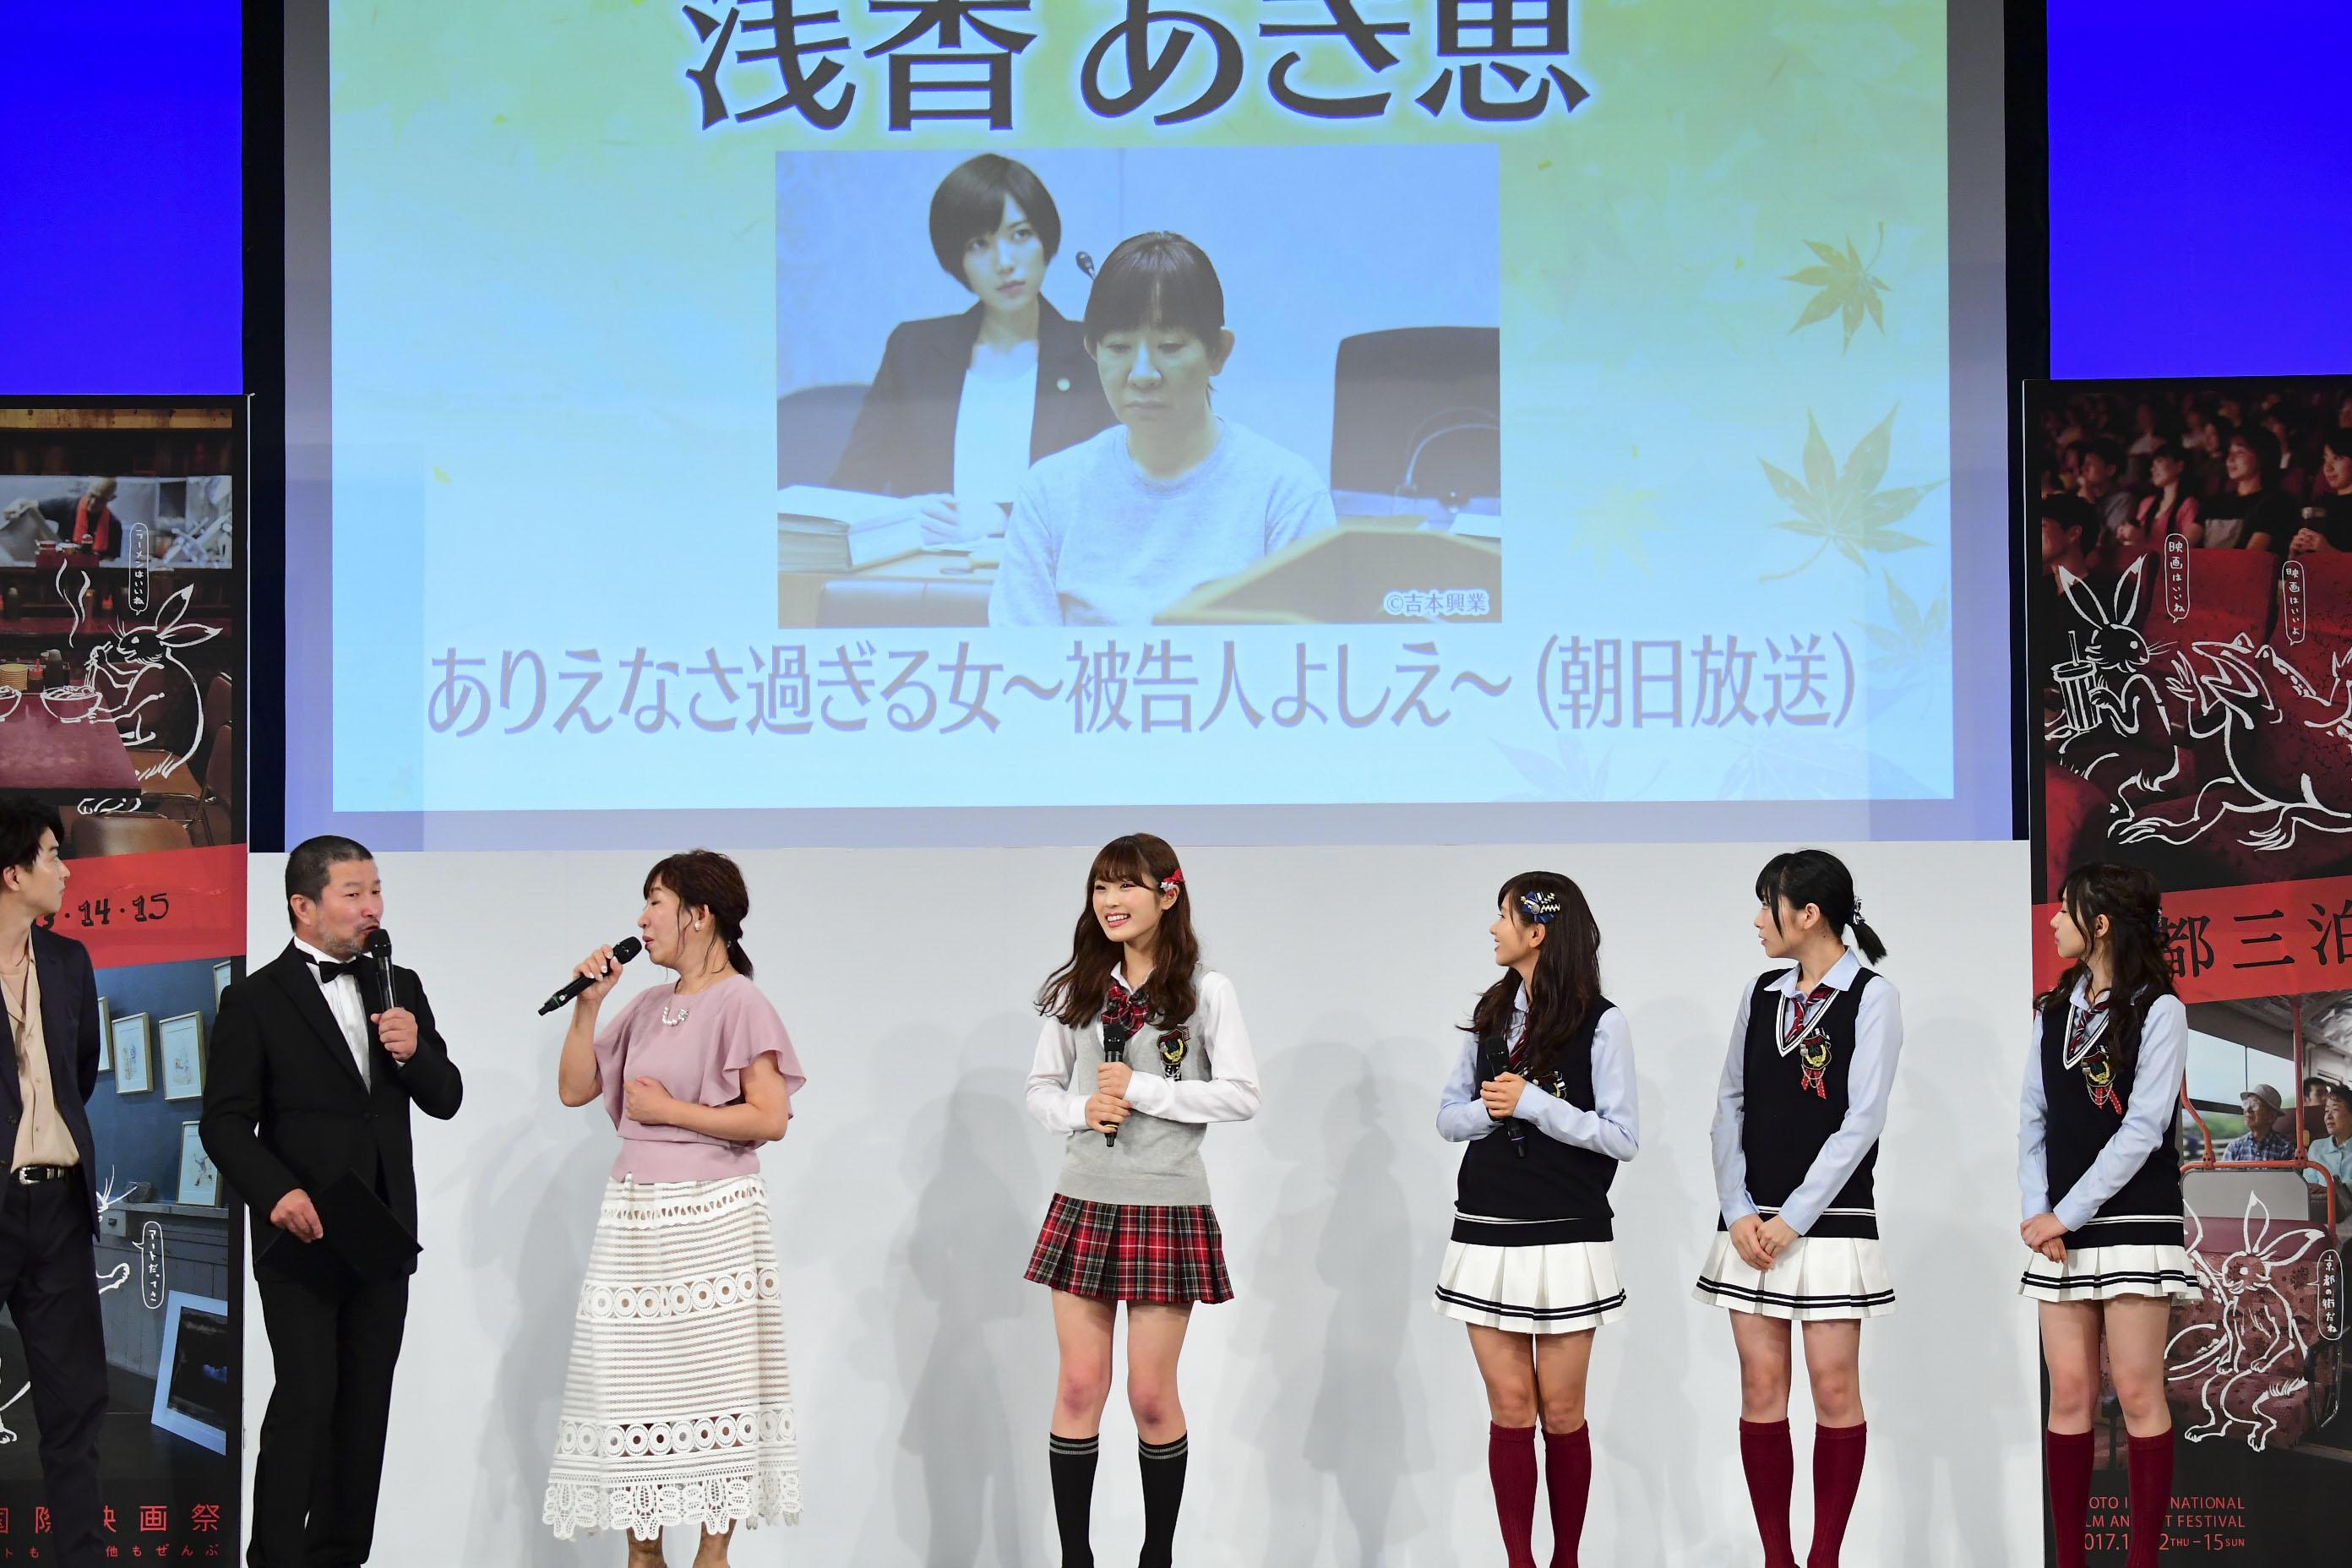 http://news.yoshimoto.co.jp/20170907004553-8e77f603cd7e2c0b55dc31ece96a6e4c0960317d.jpg